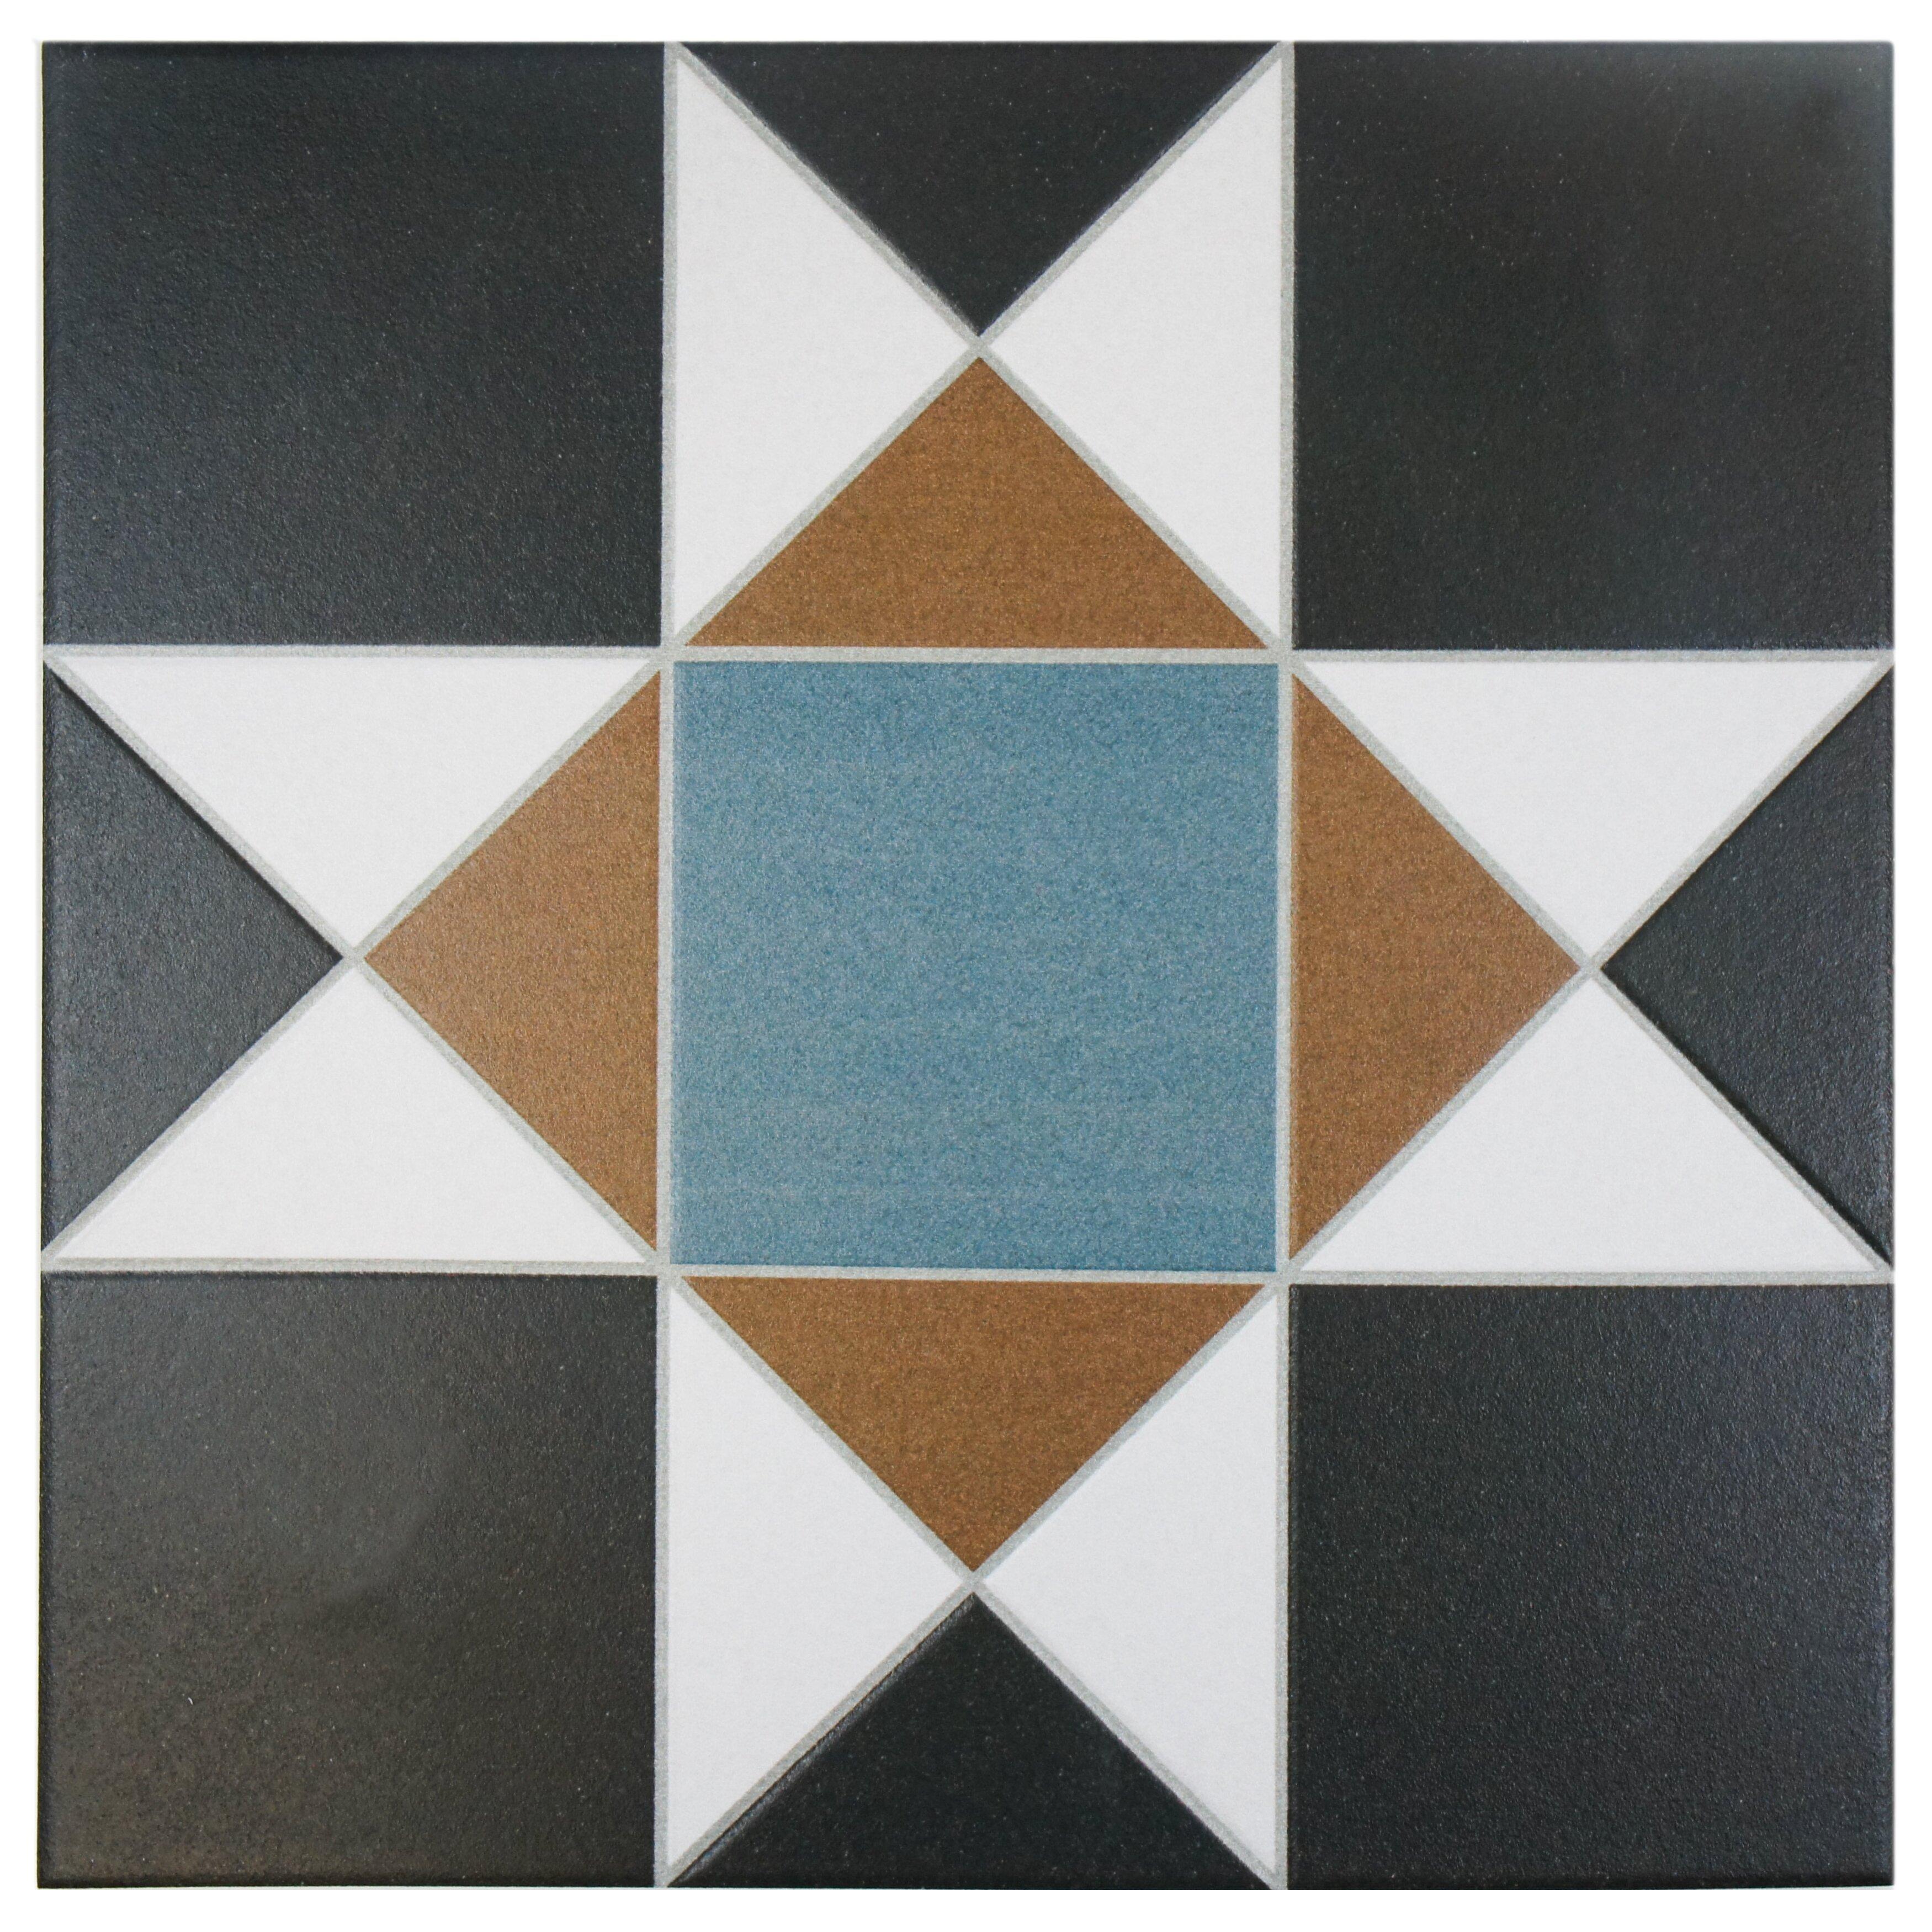 Elitetile narcisso nouveau 13 x 13 porcelain field tile for 13 inch ceramic floor tile